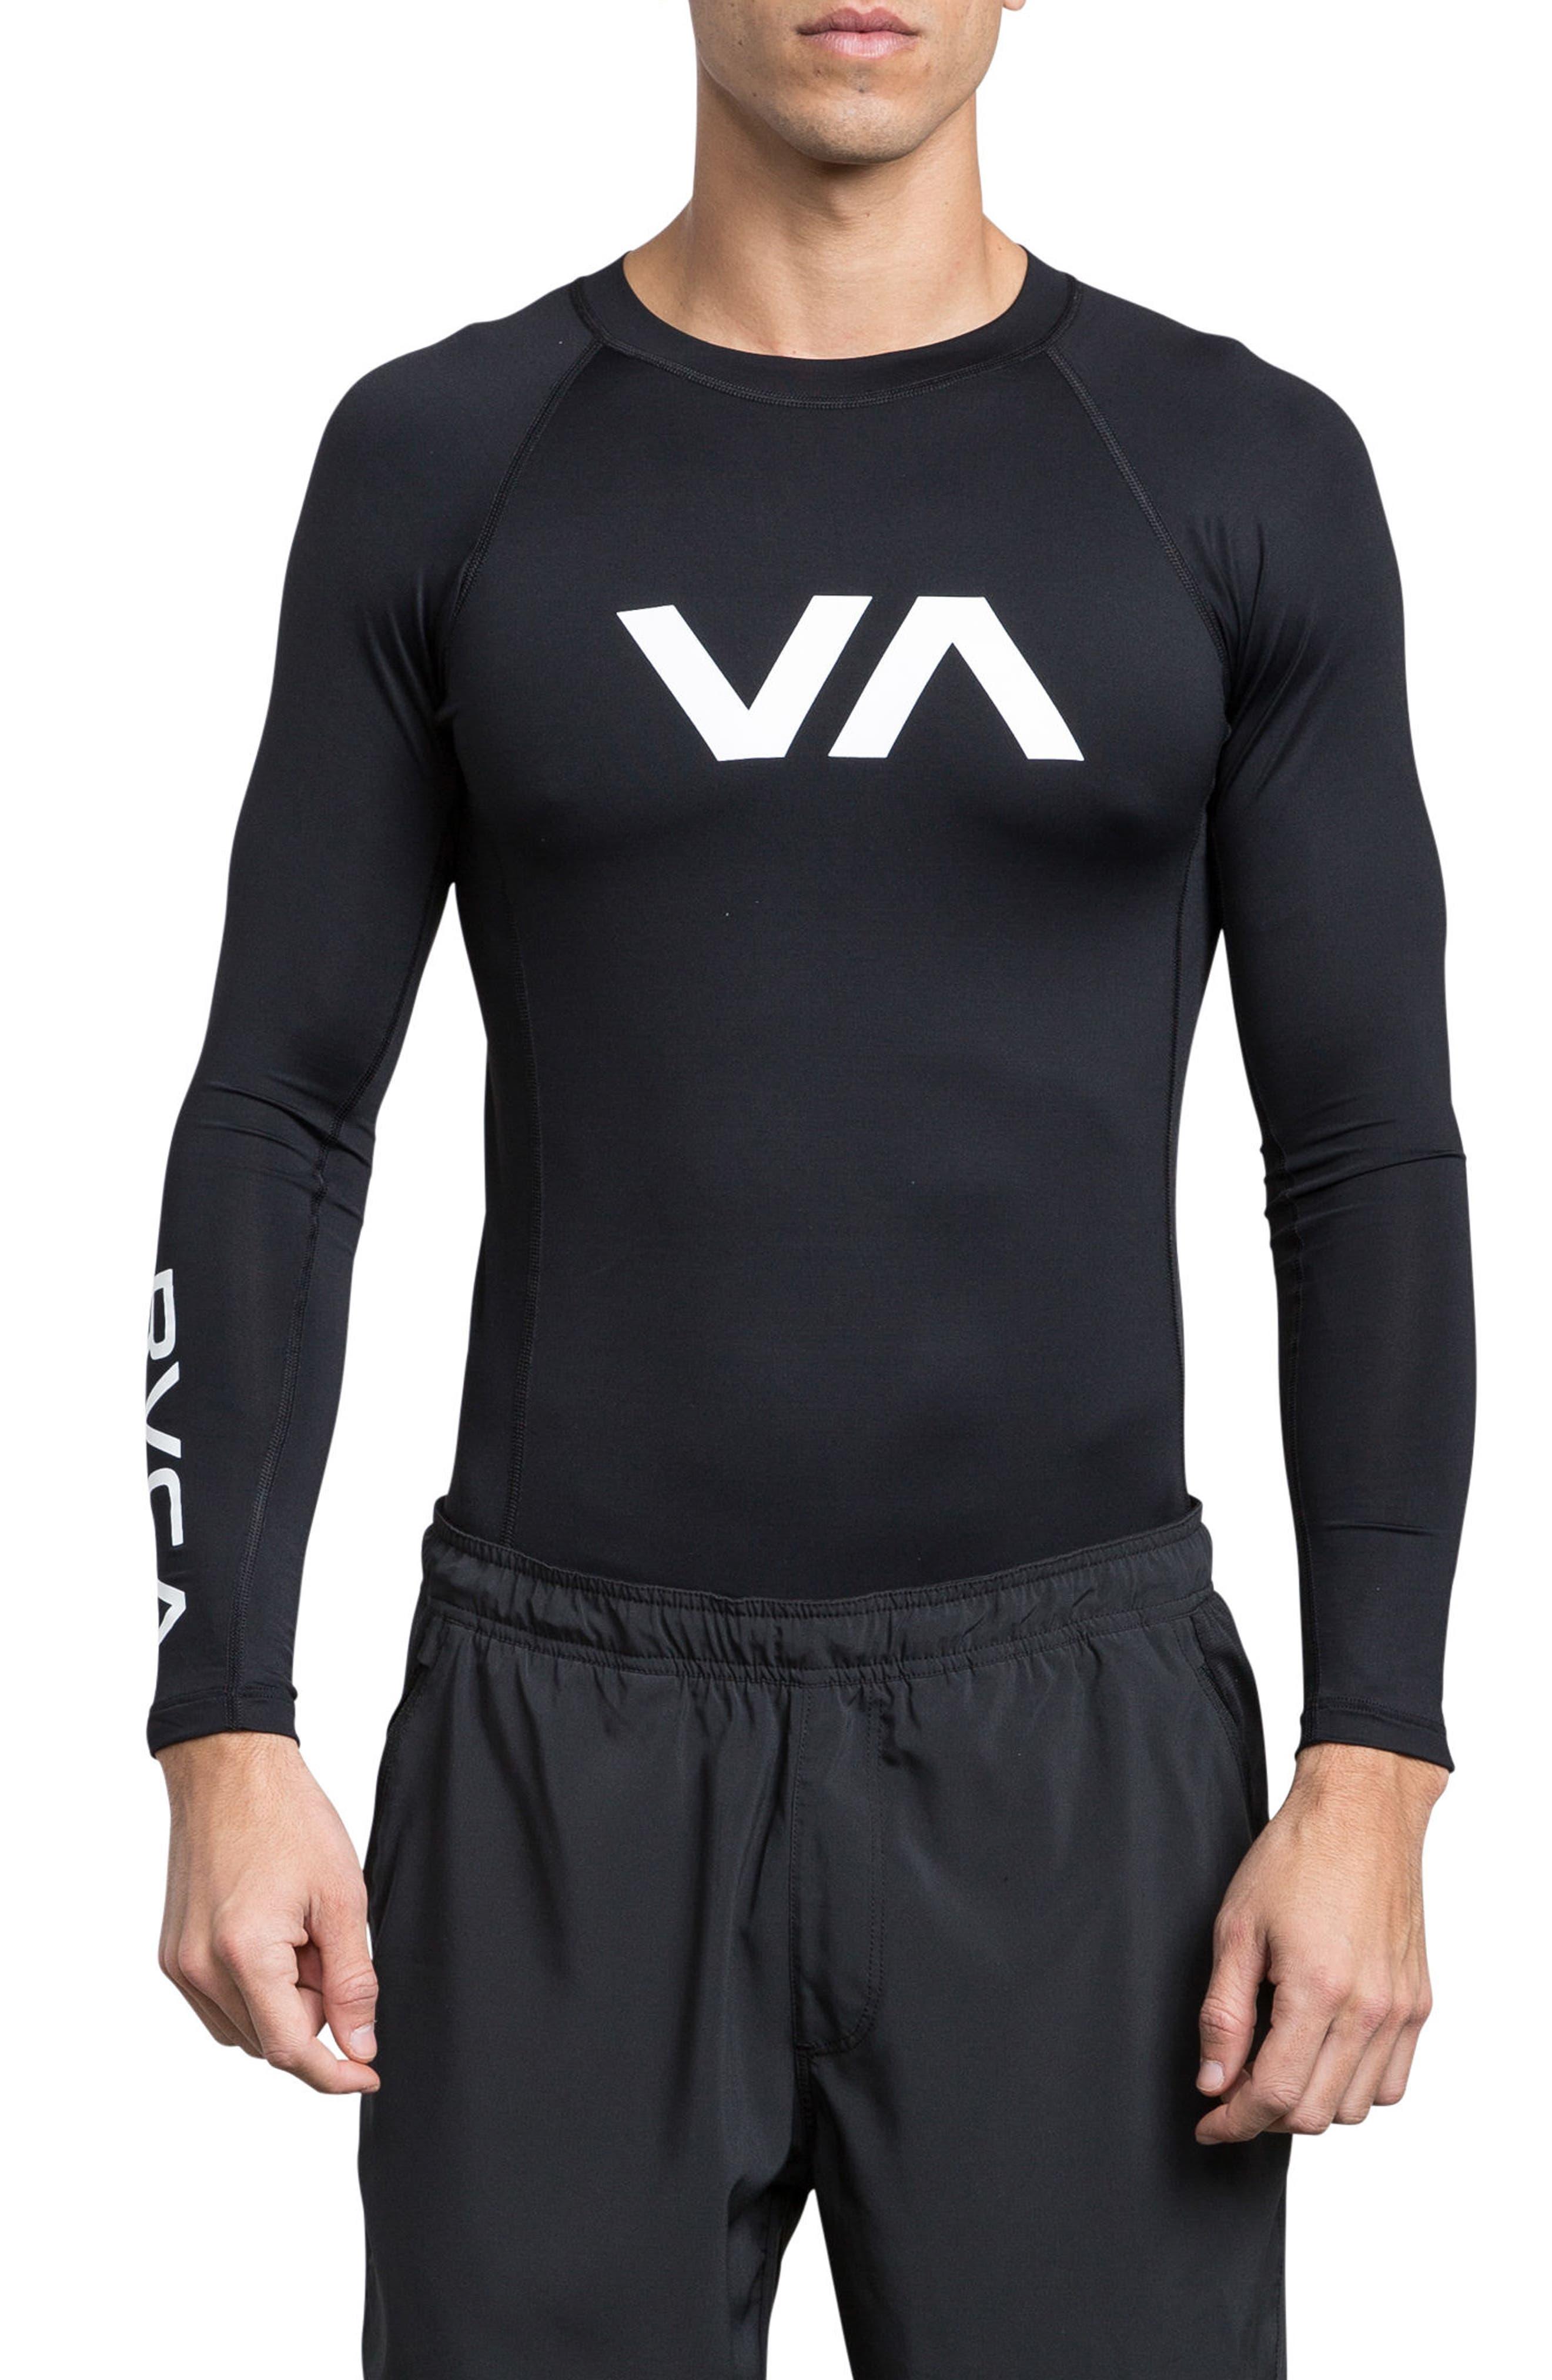 Main Image - RVCA Sport Rashguard